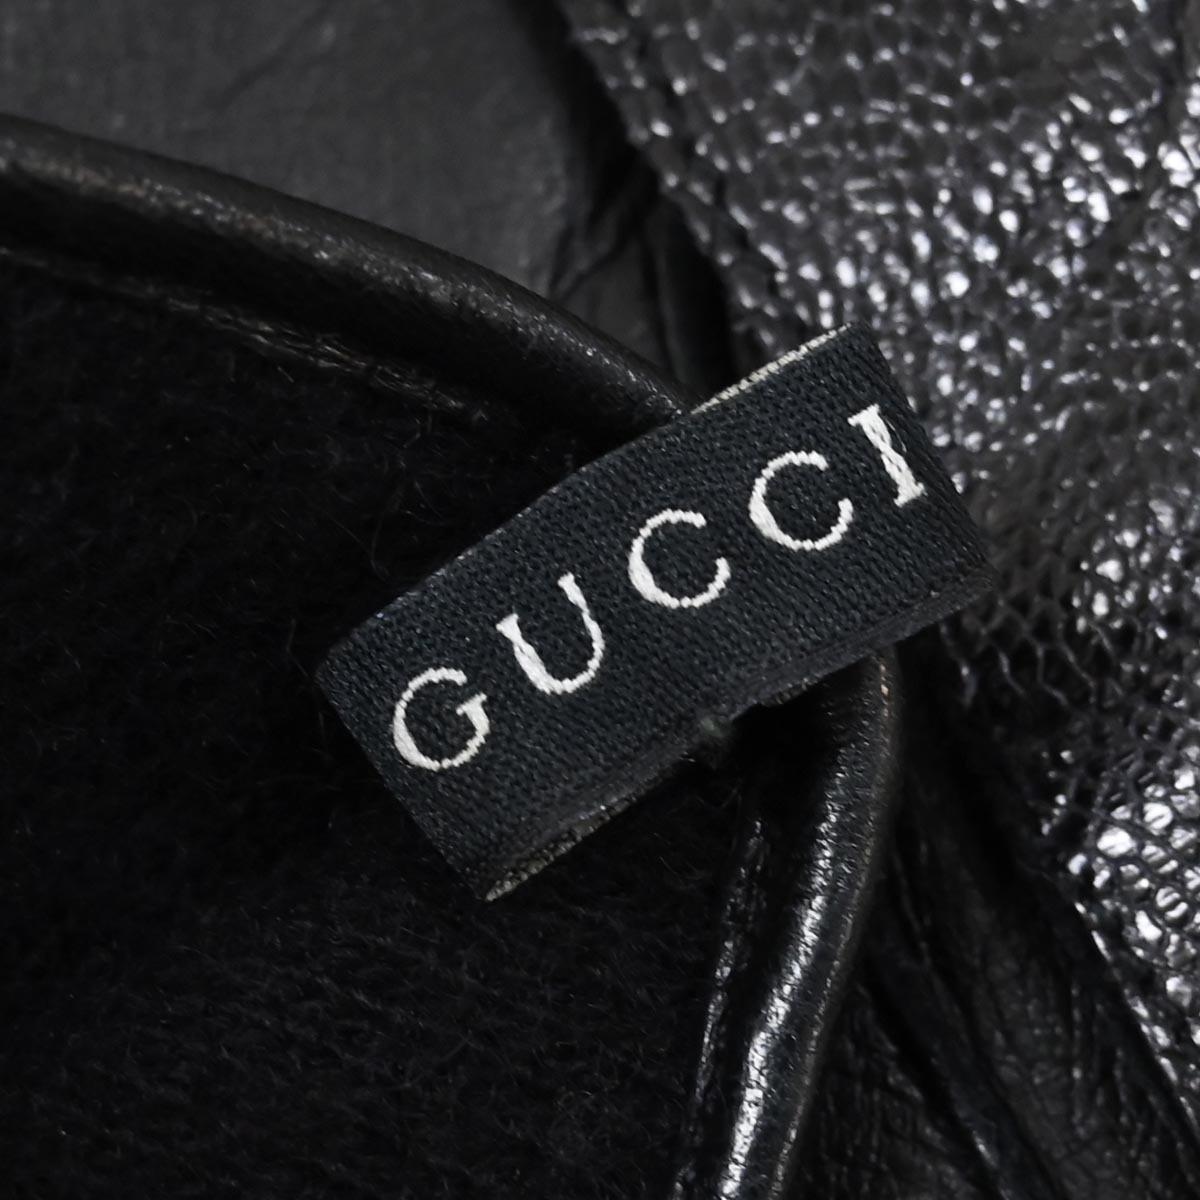 本物 超美品 グッチ 極希少 希少革 エキゾチックオーストレッグレザー グローブ メンズ8 ブラック 裏カシミヤ100% 紳士用 皮手袋 GUCCI_画像4